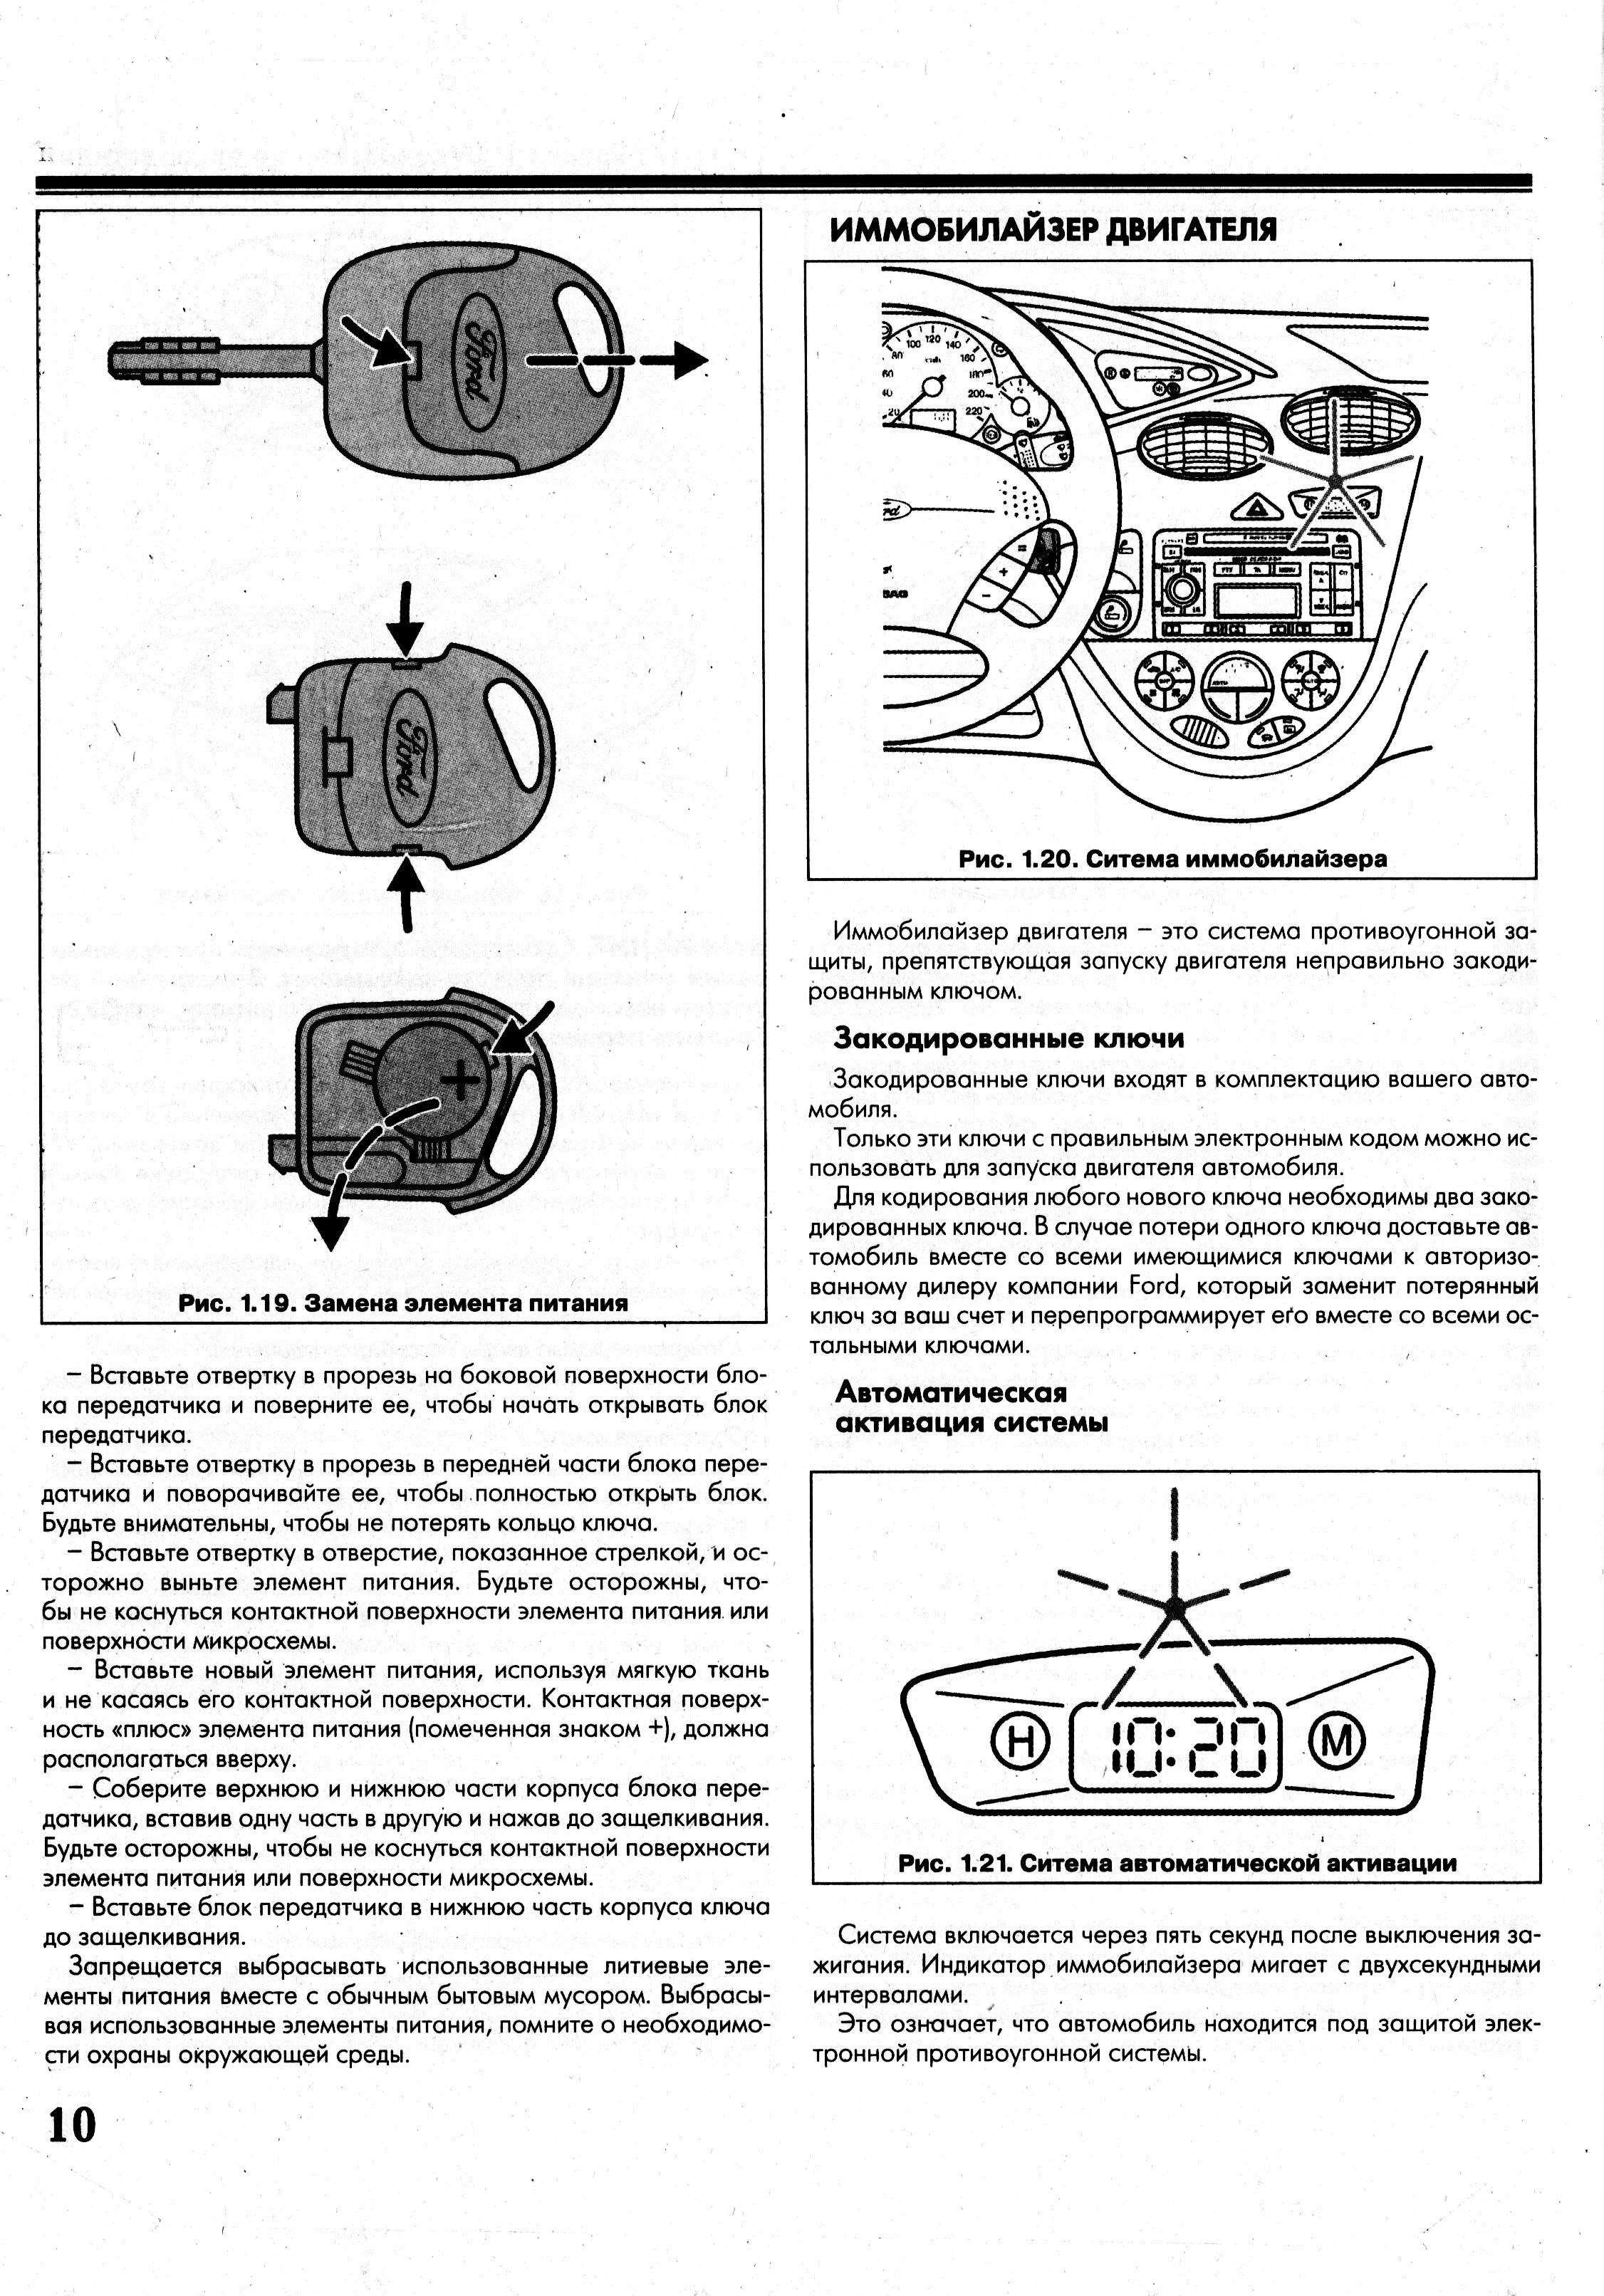 Ford Focus 2 Дизель Руководство По Ремонту - top-get